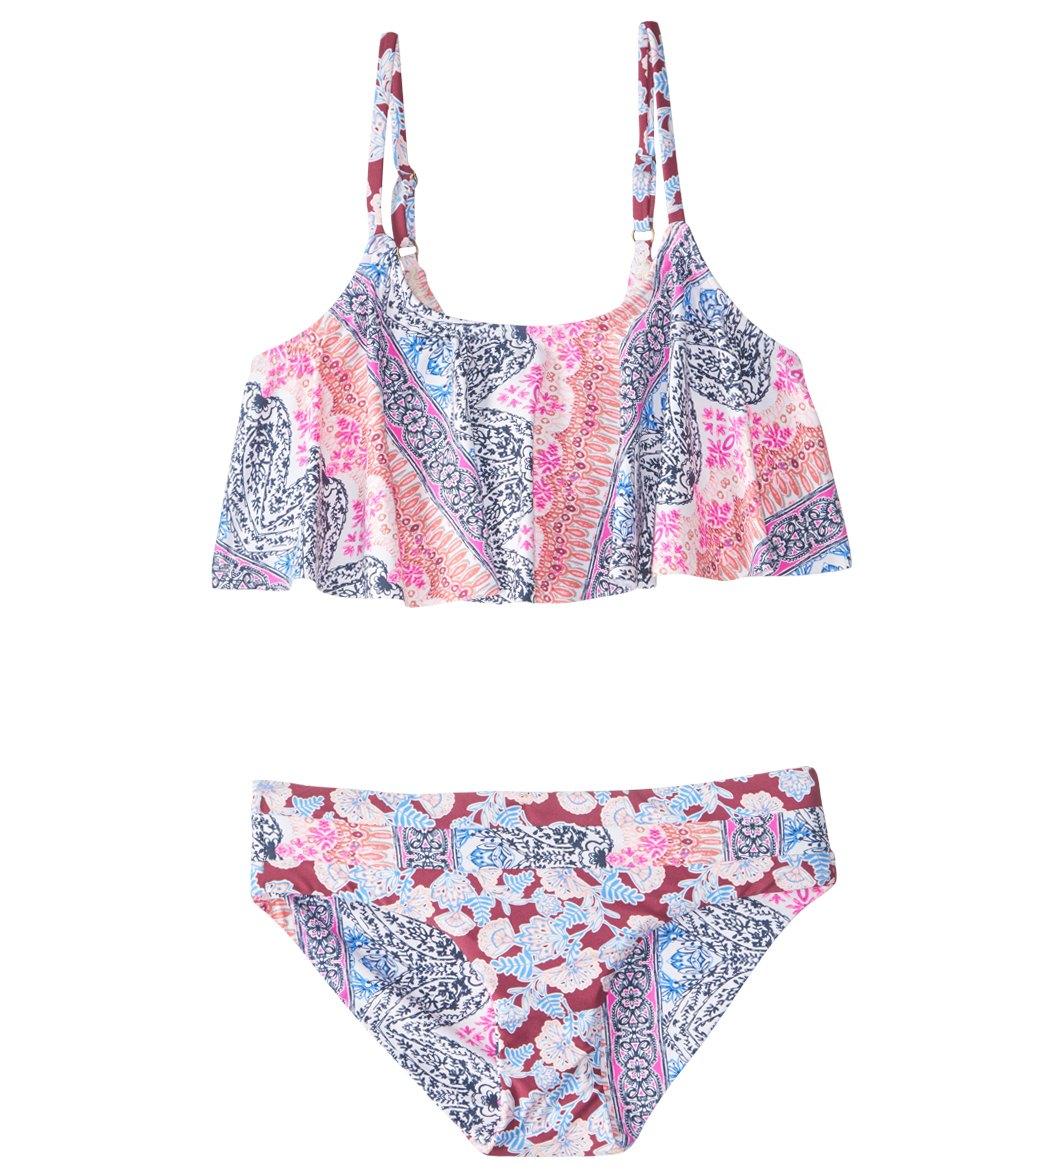 9070f4c142f9 O'Neill Girls' Cruz Ruffle Bikini Set (7-14) at SwimOutlet.com - Free  Shipping